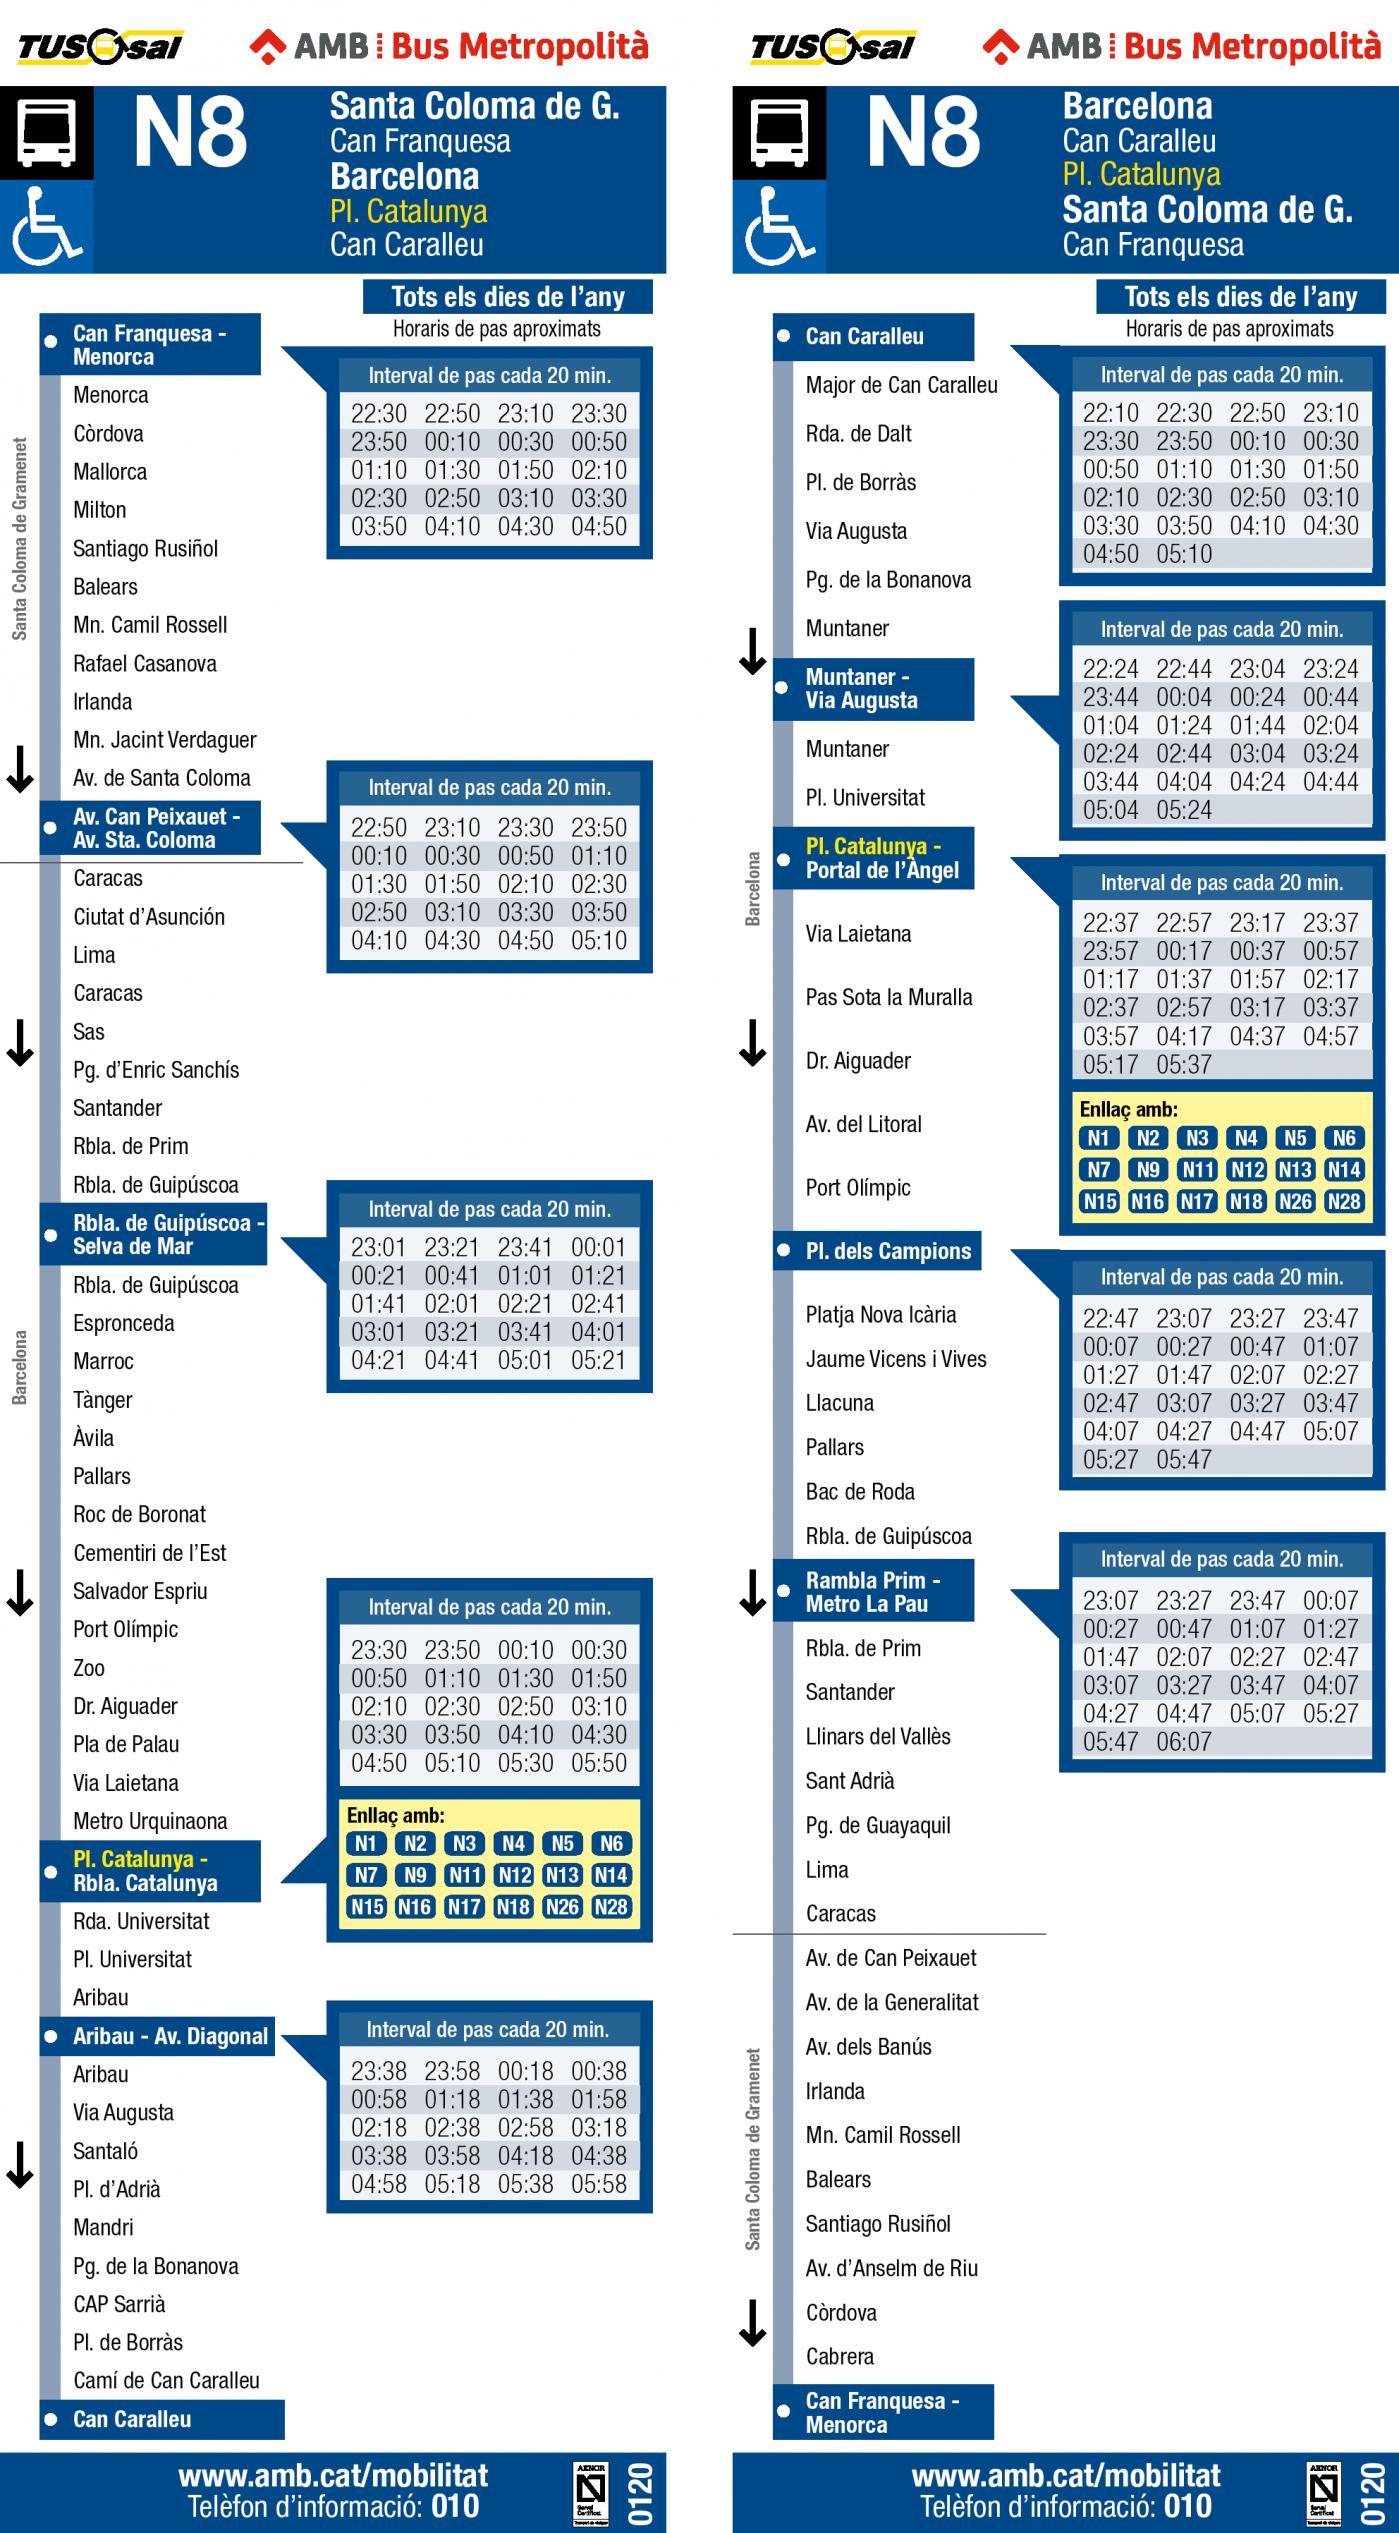 Tabla de horarios y frecuencias de paso Línea N8: Barcelona (Can Caralleu - Plaça Catalunya) - Santa Coloma de Gramenet (Can Franquesa)